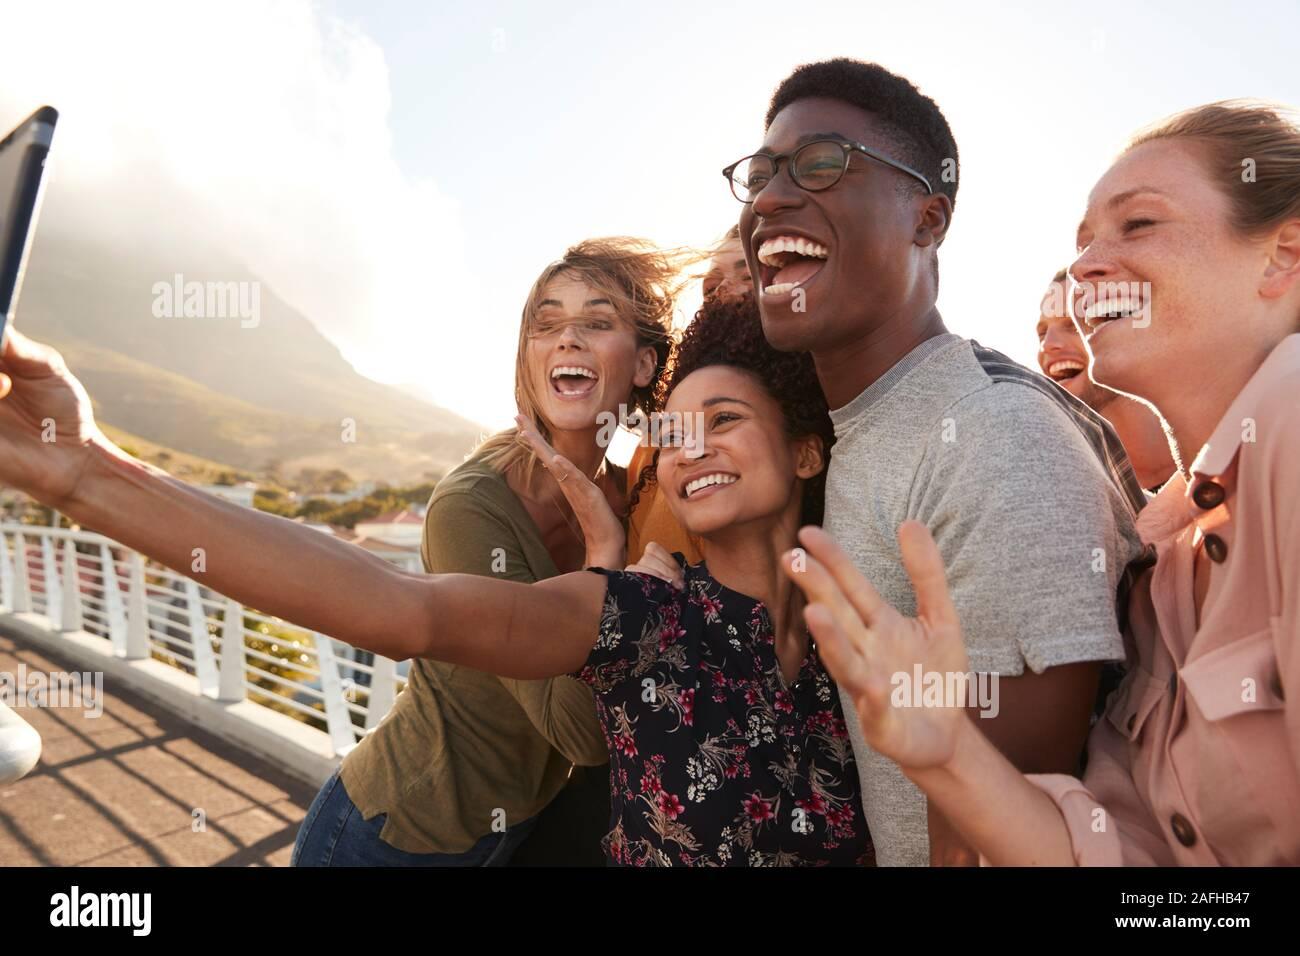 Smiling Young Friends Posing pour passerelle extérieure Selfies sur l'ensemble Banque D'Images